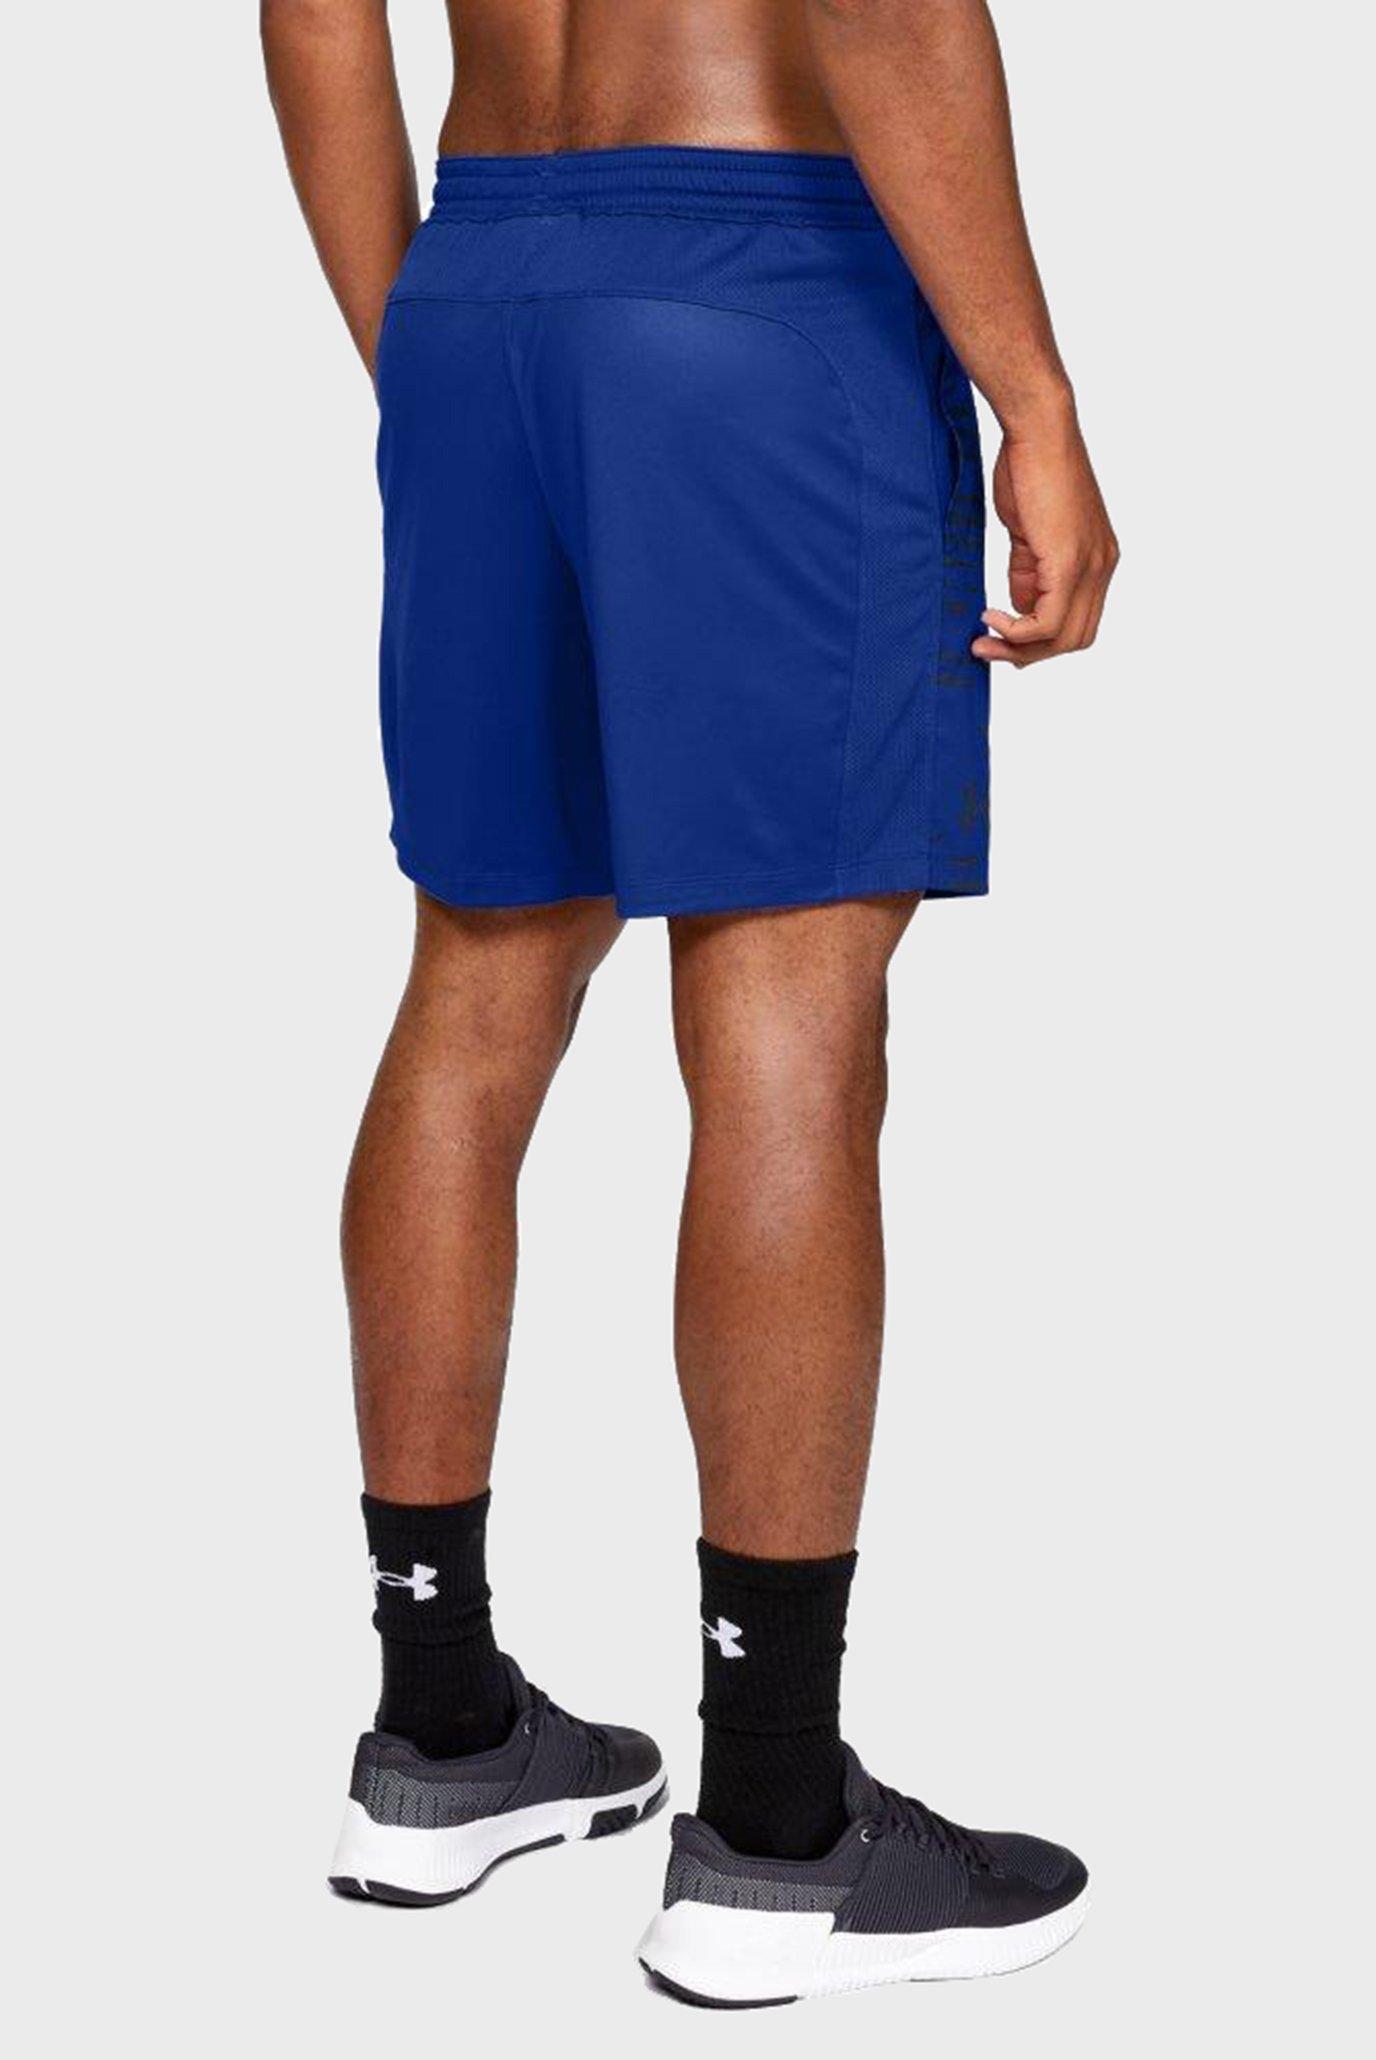 Купить Мужские синие спортивные шорты MK1 7in Short Camo Print Under Armour Under Armour 1322072-400 – Киев, Украина. Цены в интернет магазине MD Fashion